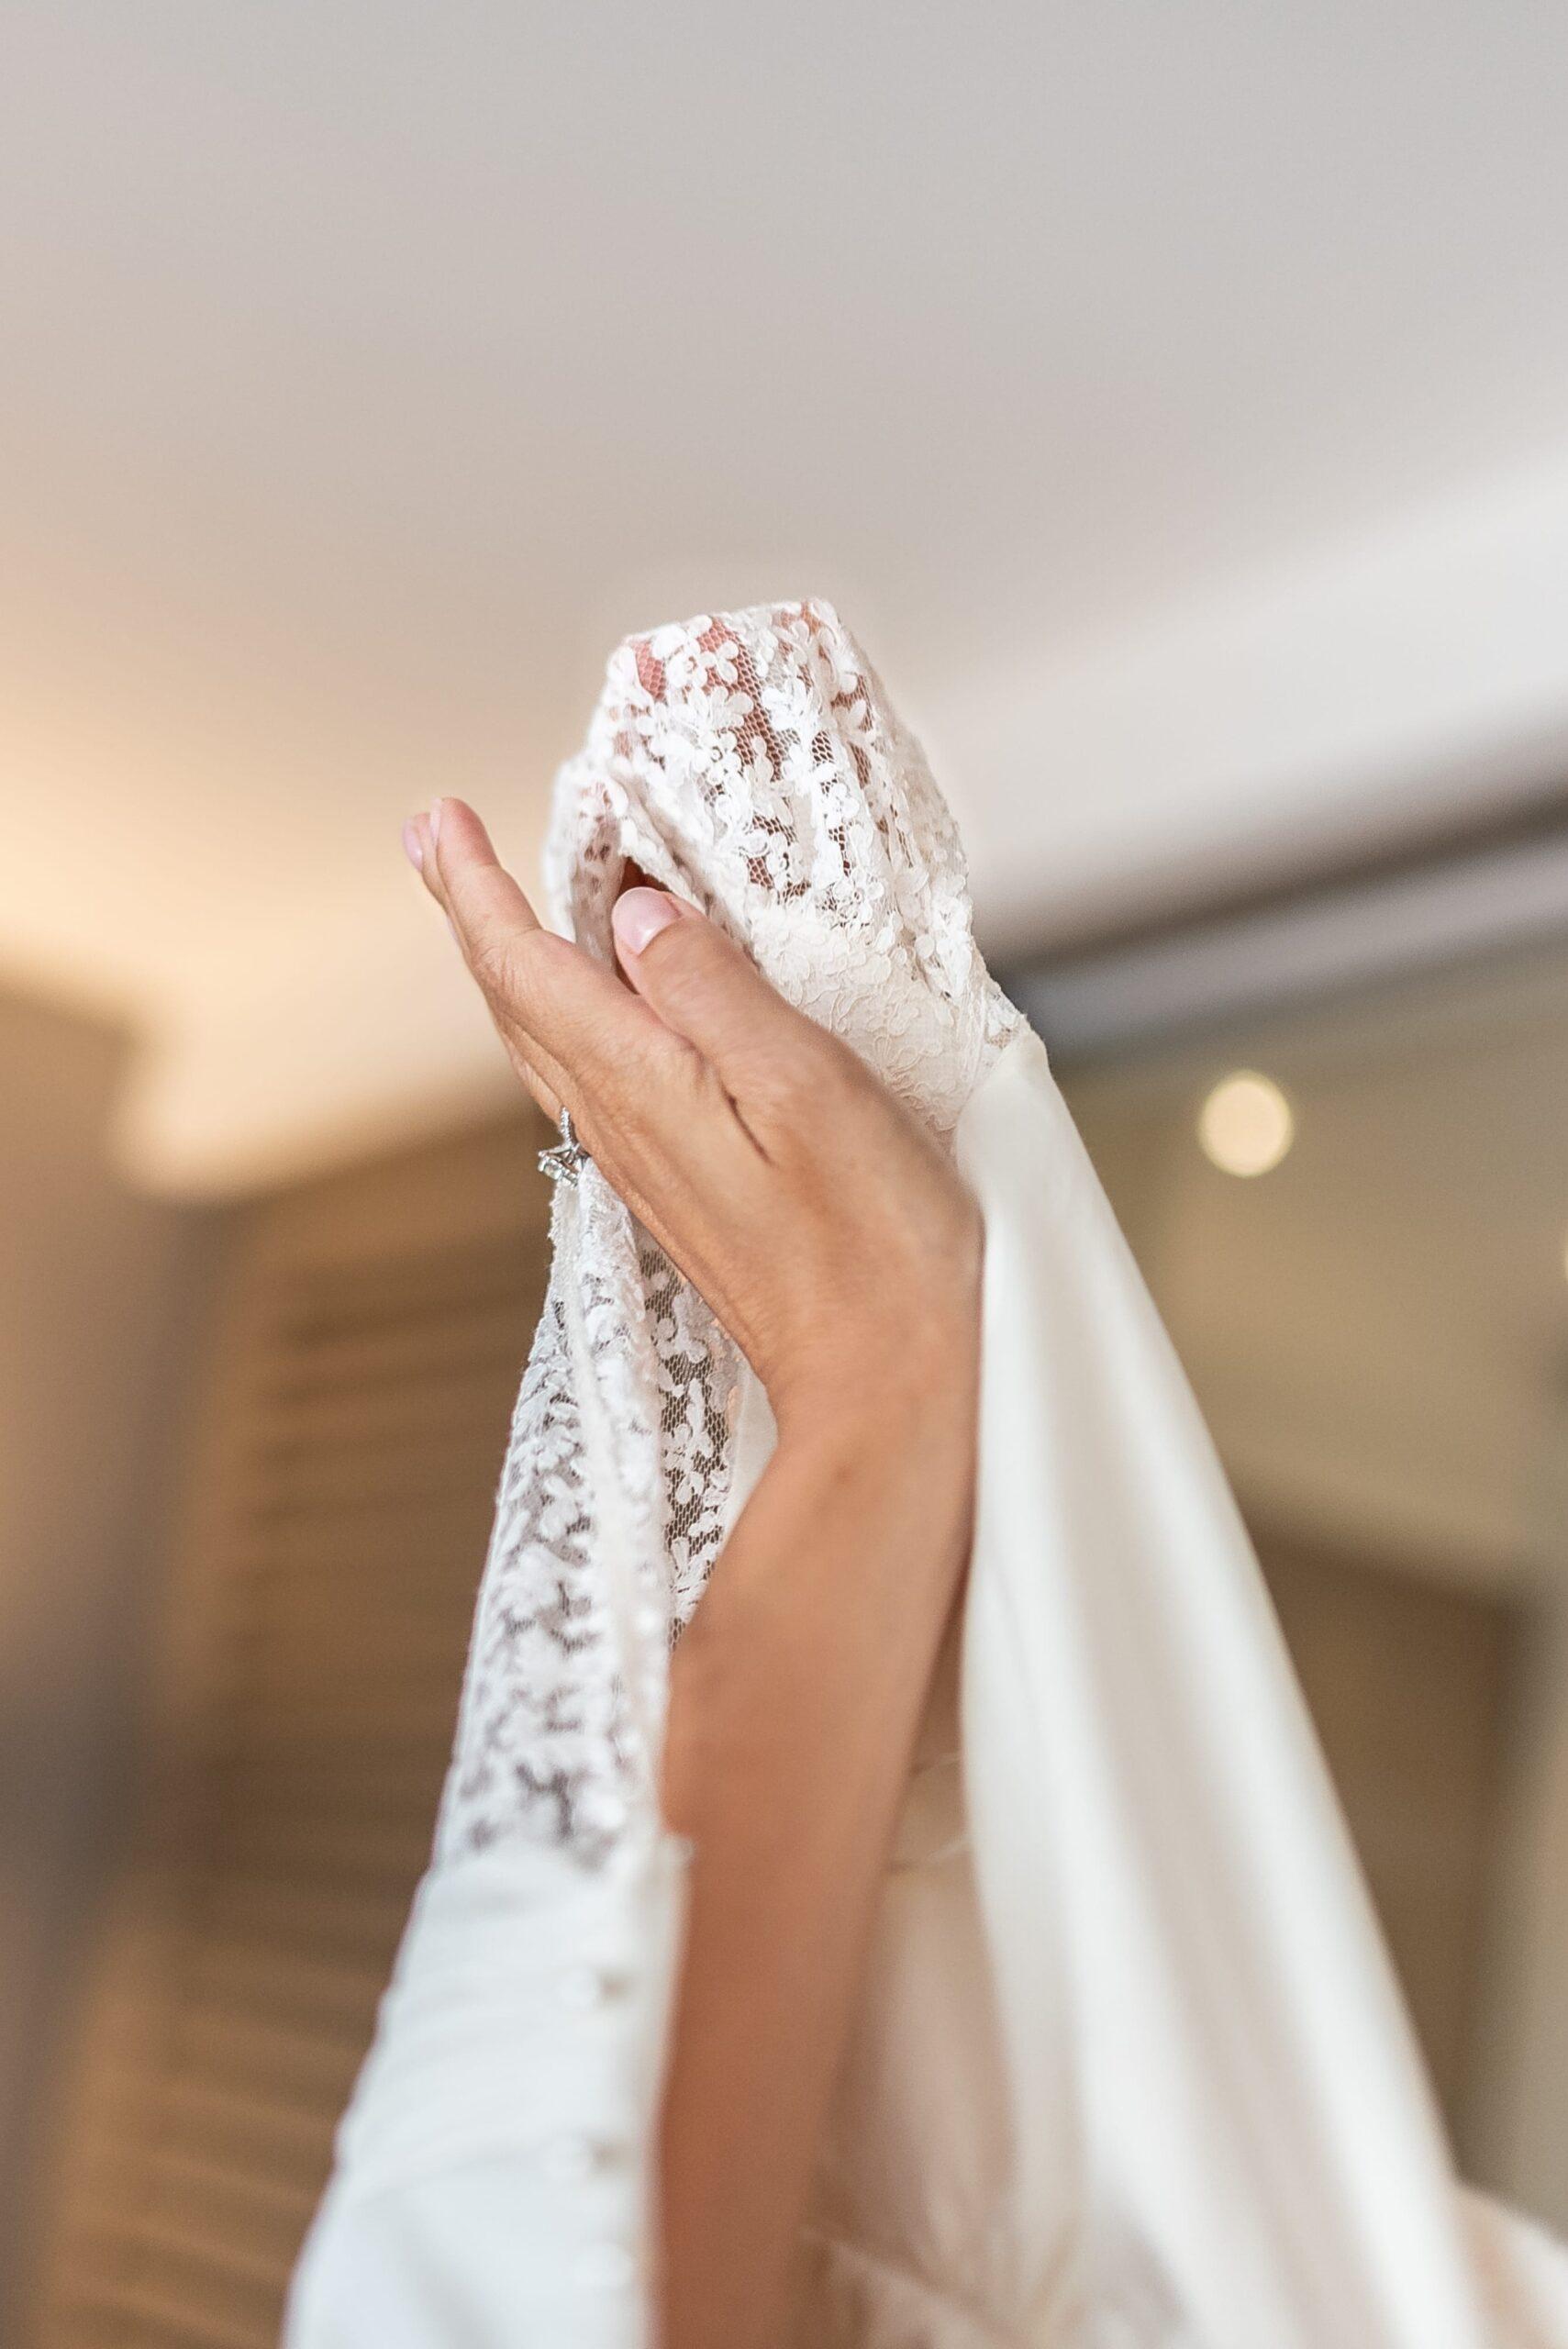 préparatifs de la mariée - photographe de mariage alsace - Mégane Schultz-1- n